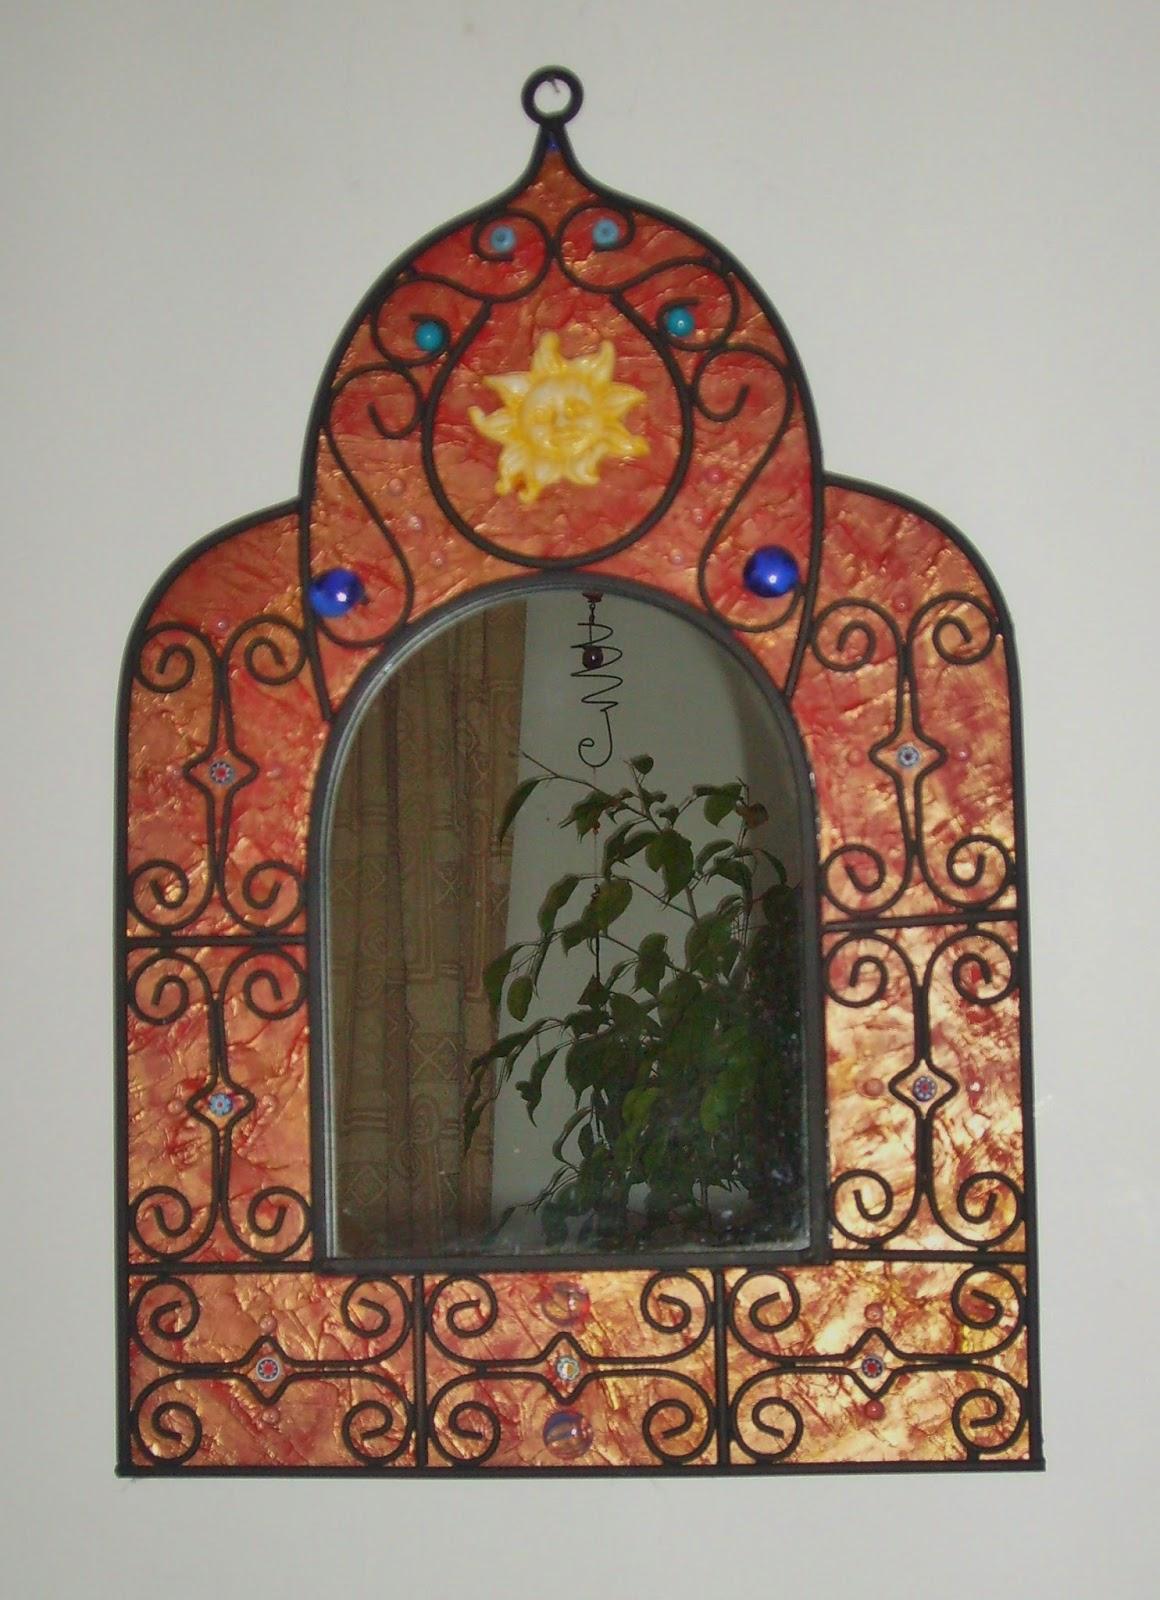 création et vente sur commande de miroirs uniques originaux pour deco salon particulier par artiste severine peugniez